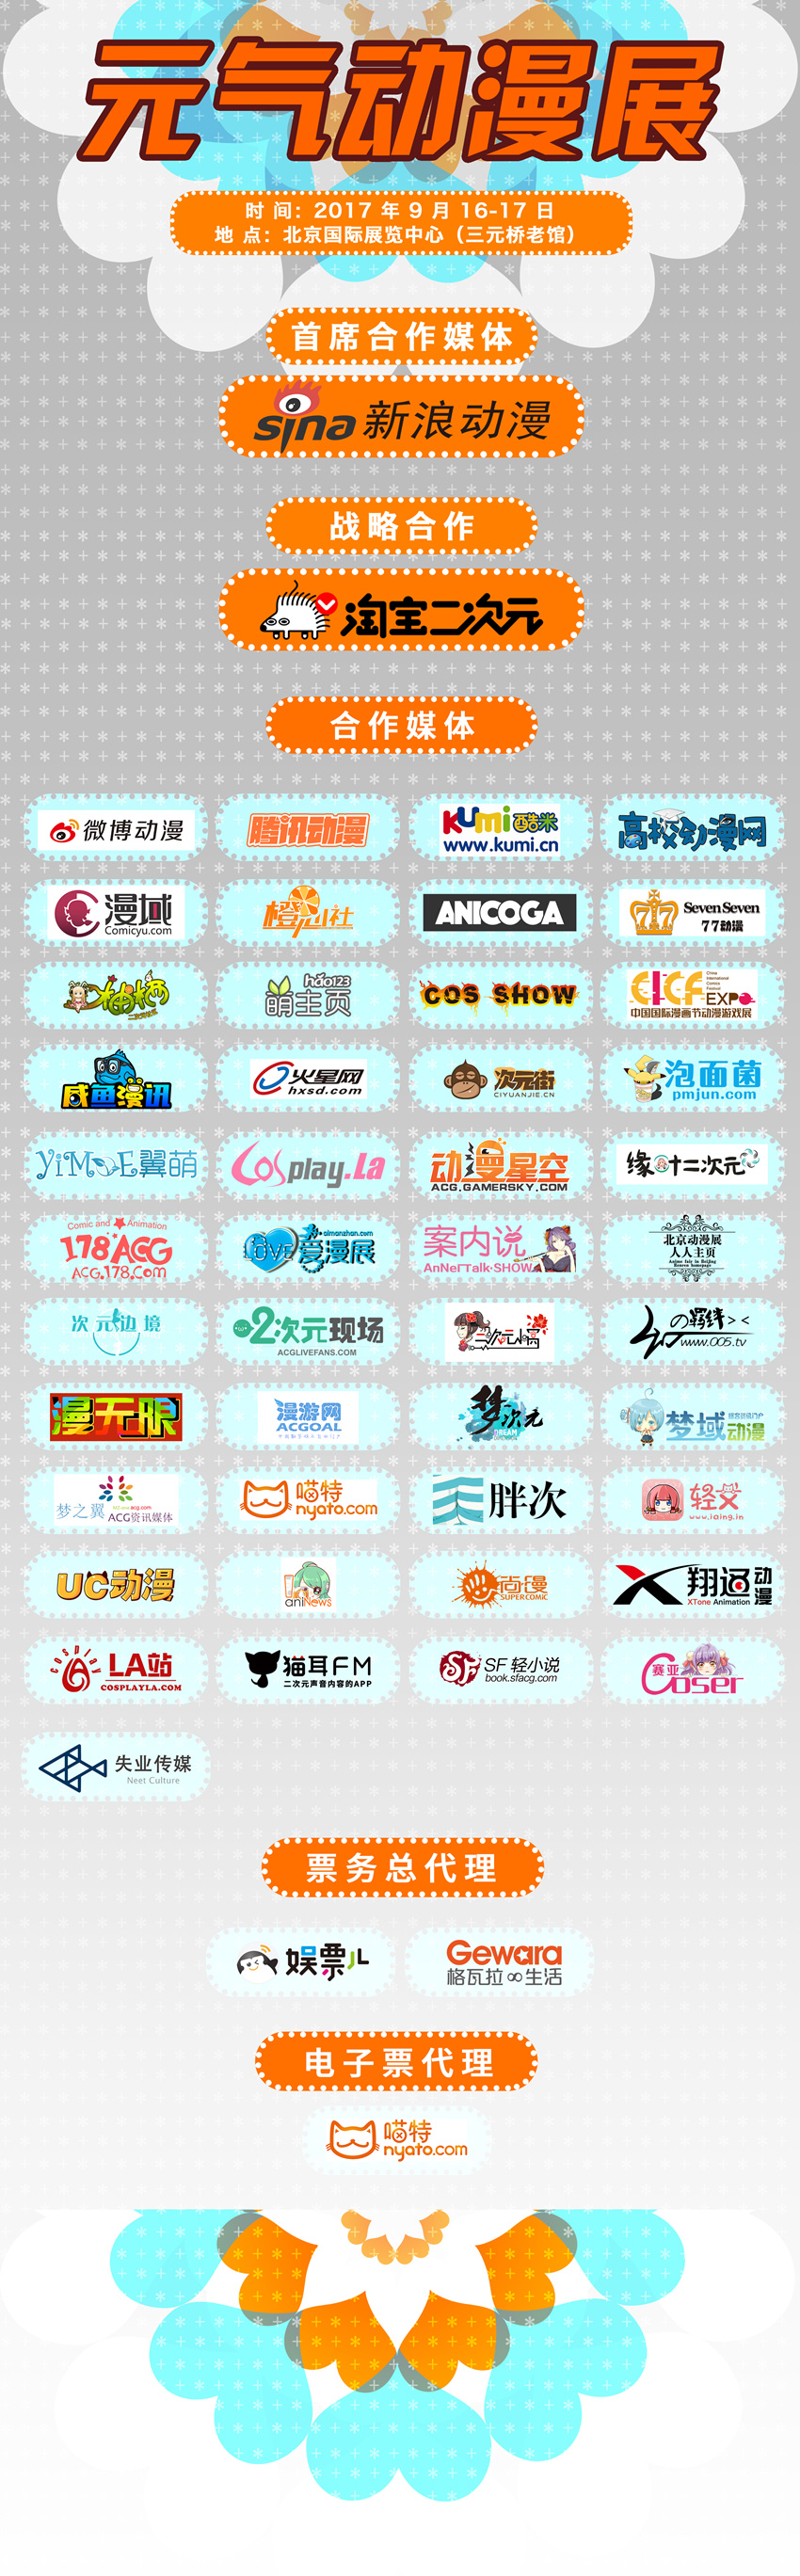 2017年9月16-17日元气动漫展!第一批展位名单公布